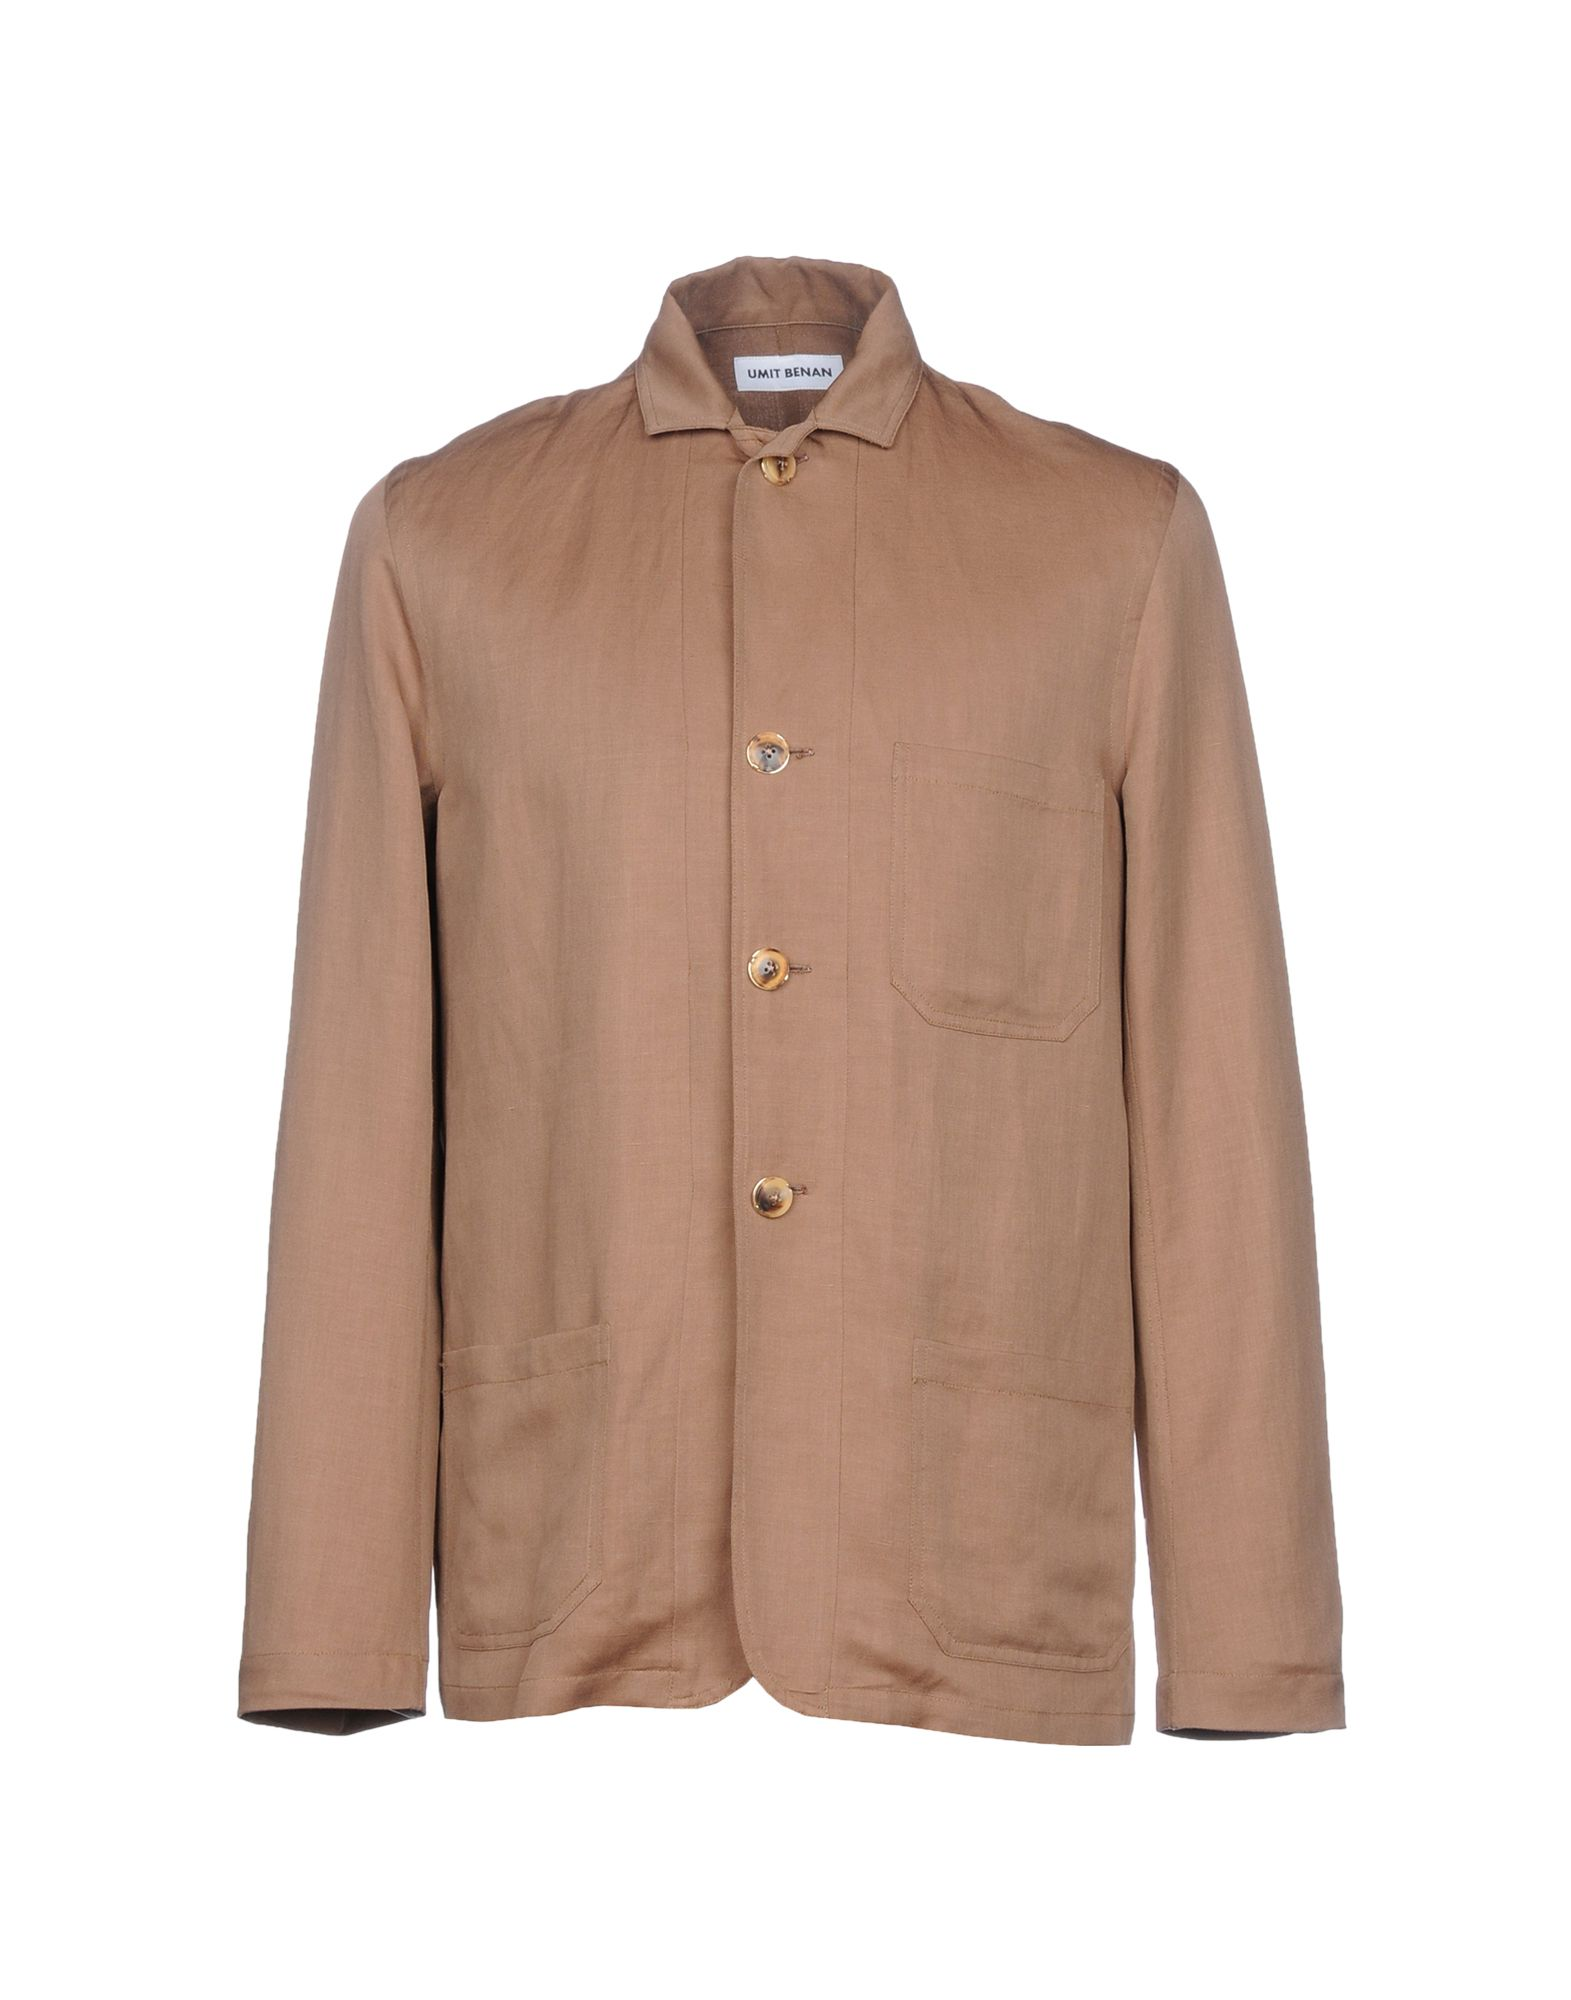 UMIT BENAN Blazer in Light Brown